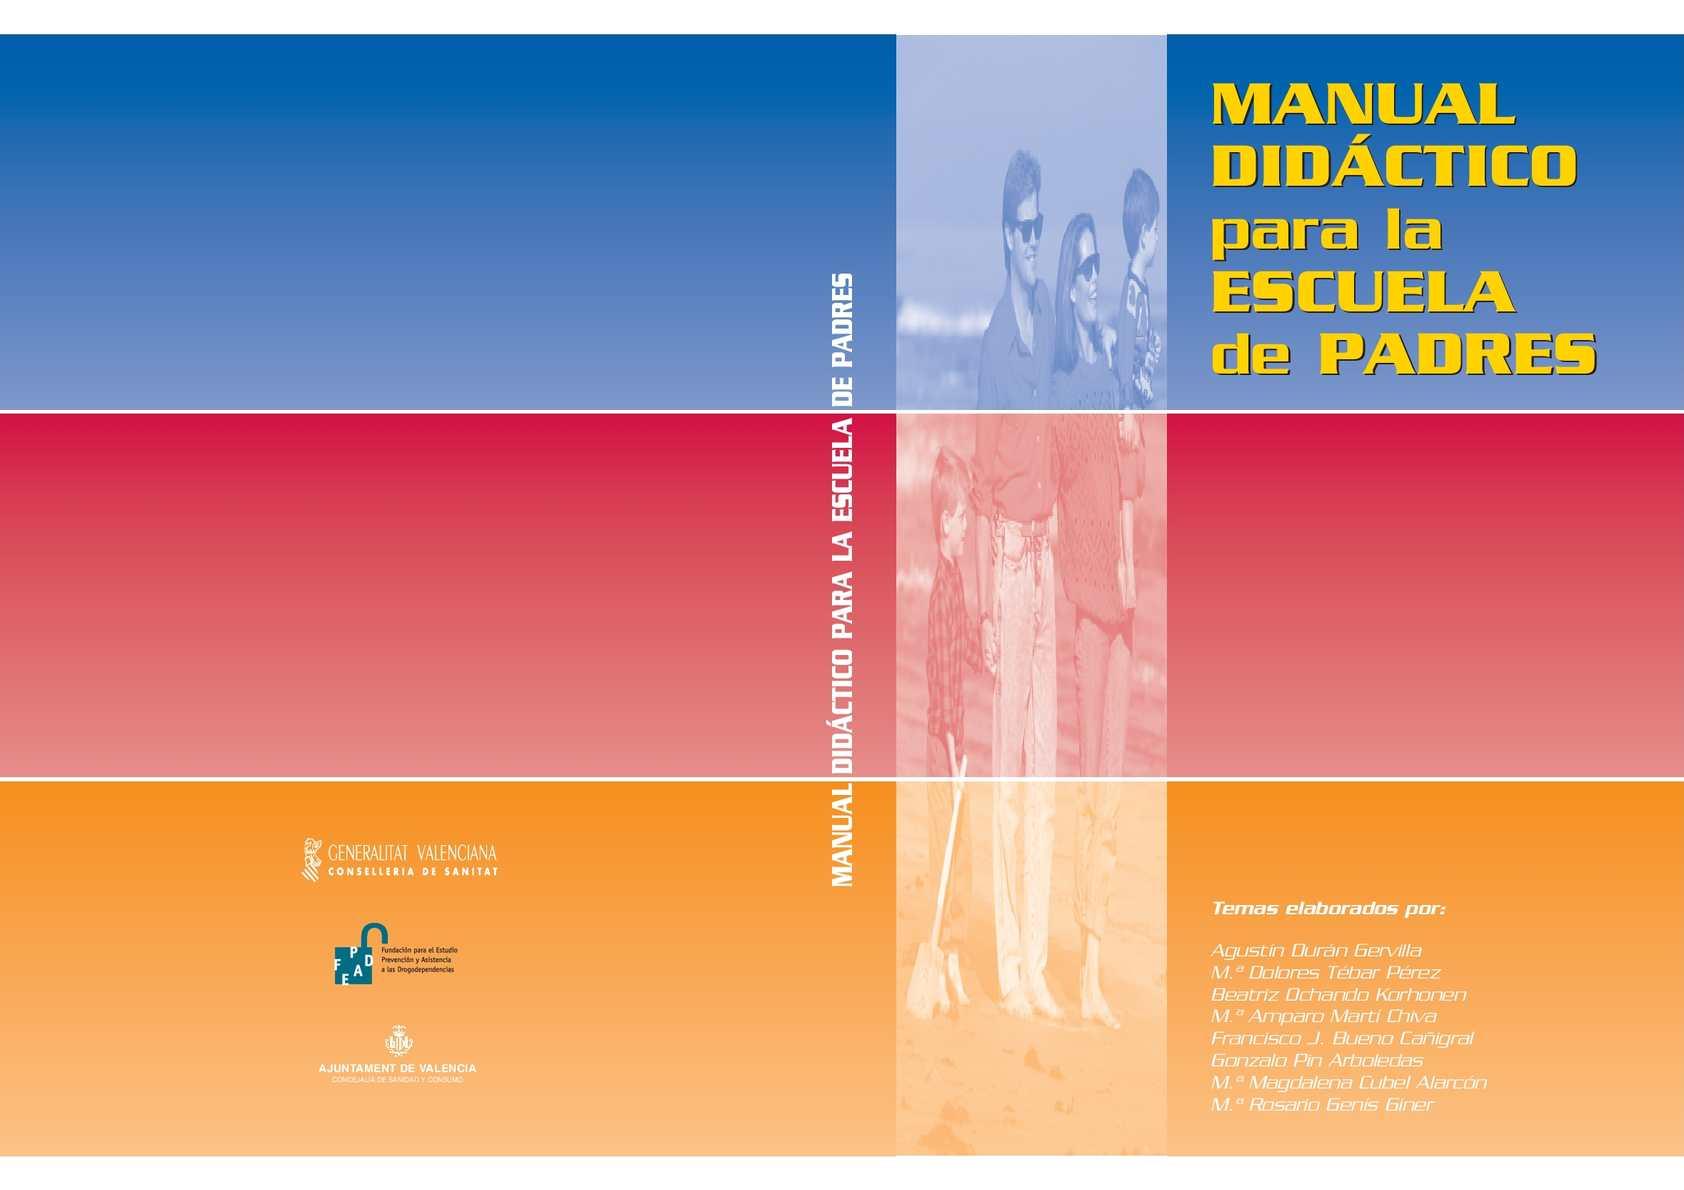 Calaméo - Manual Didáctico Escuela de Padres